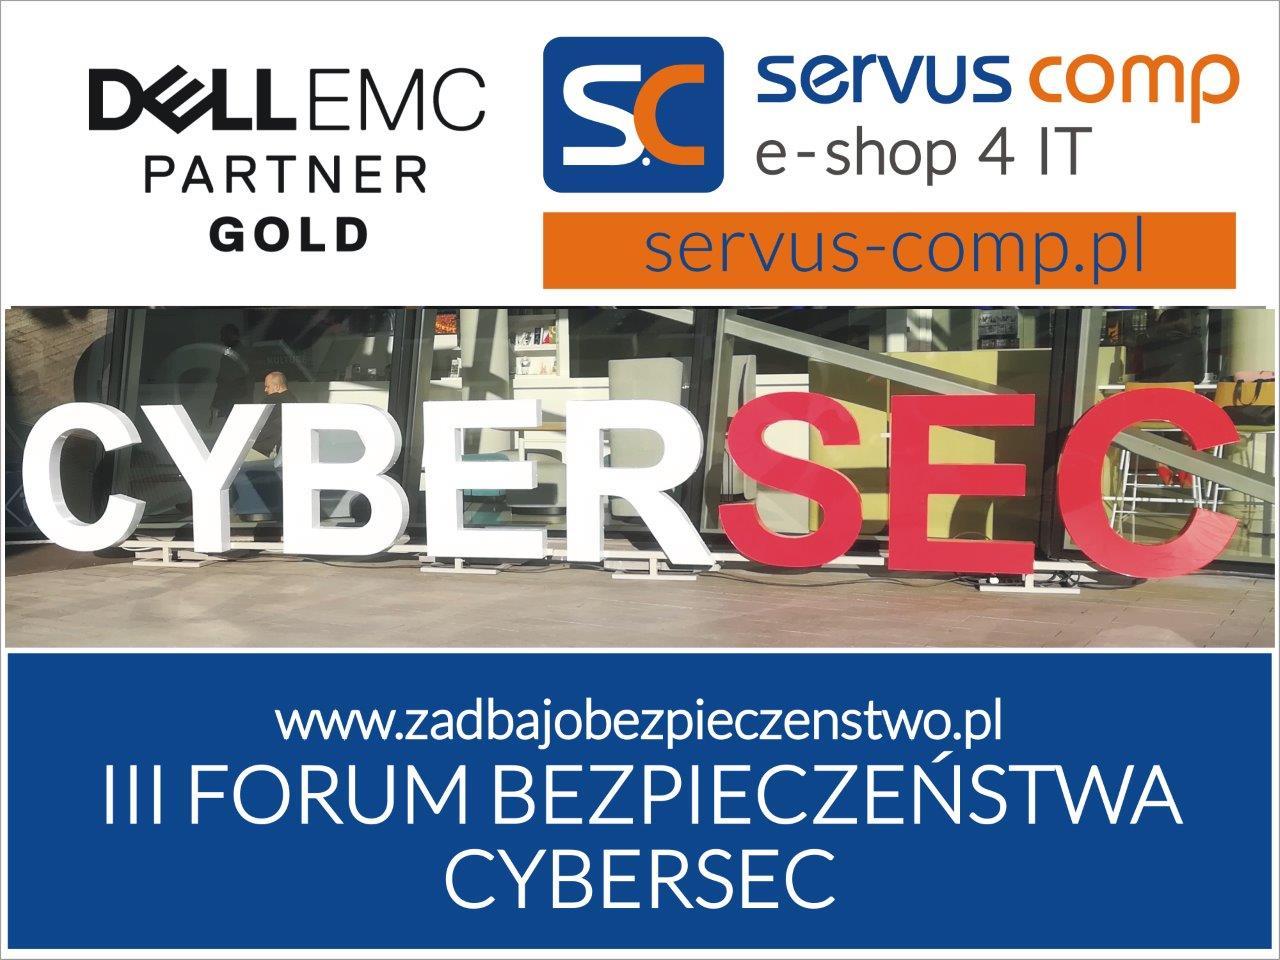 CYBERSEC Servus Comp